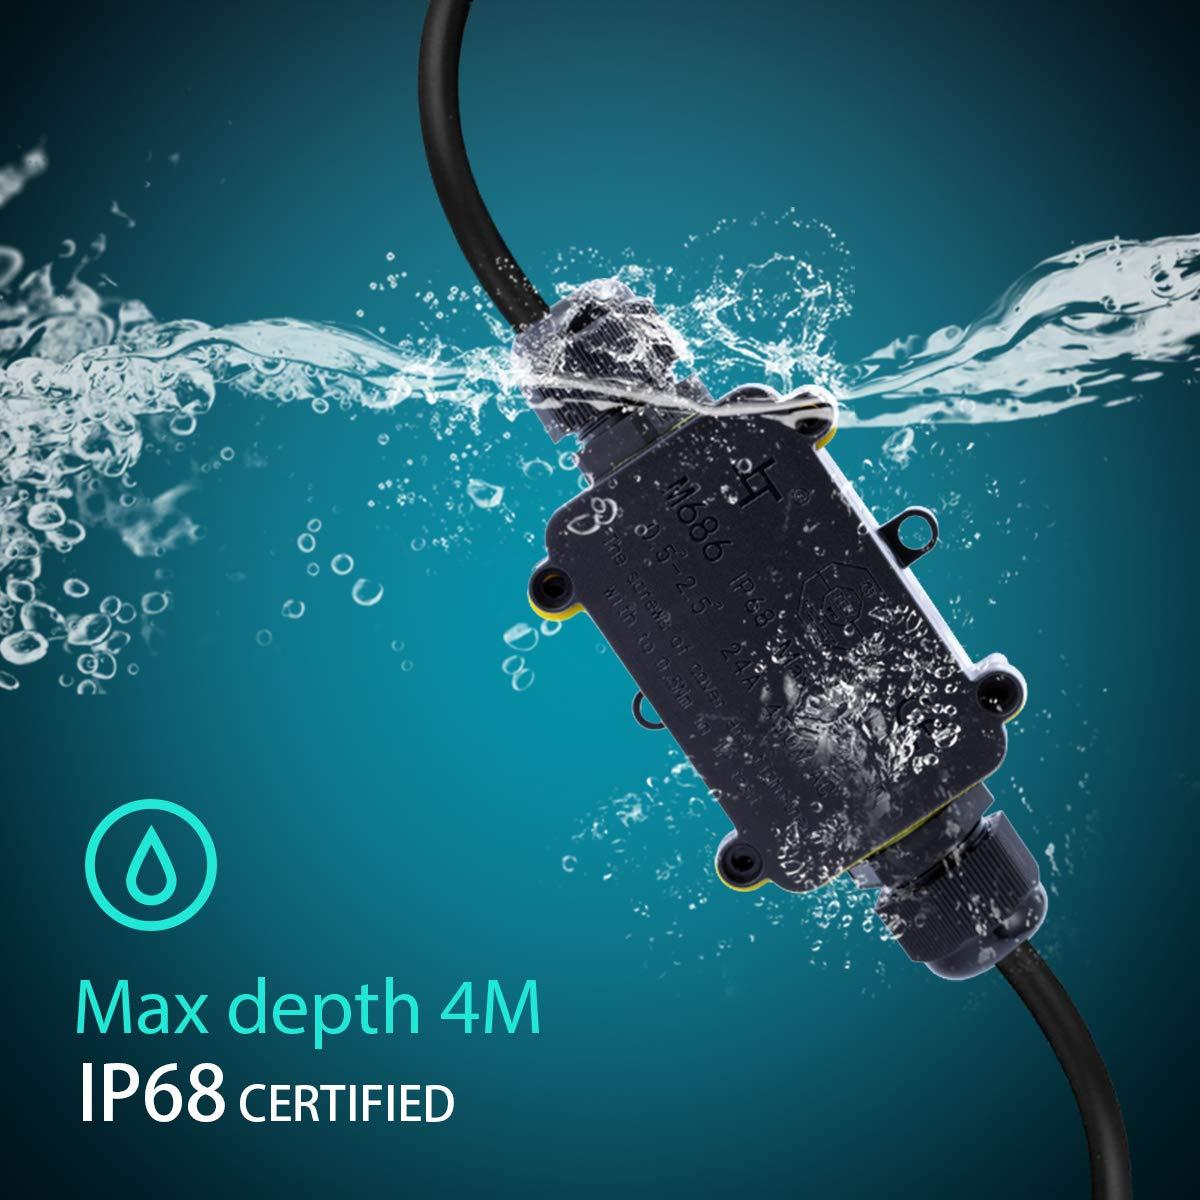 noir Prise de d/érivation certifi/ée T/ÜV IP68 /étanche connecteur de c/âbles prise de raccordement c/âble c/âble de terre Noir Prise de distribution /électrique pour c/âble /Ø 4 mm /à 14 mm